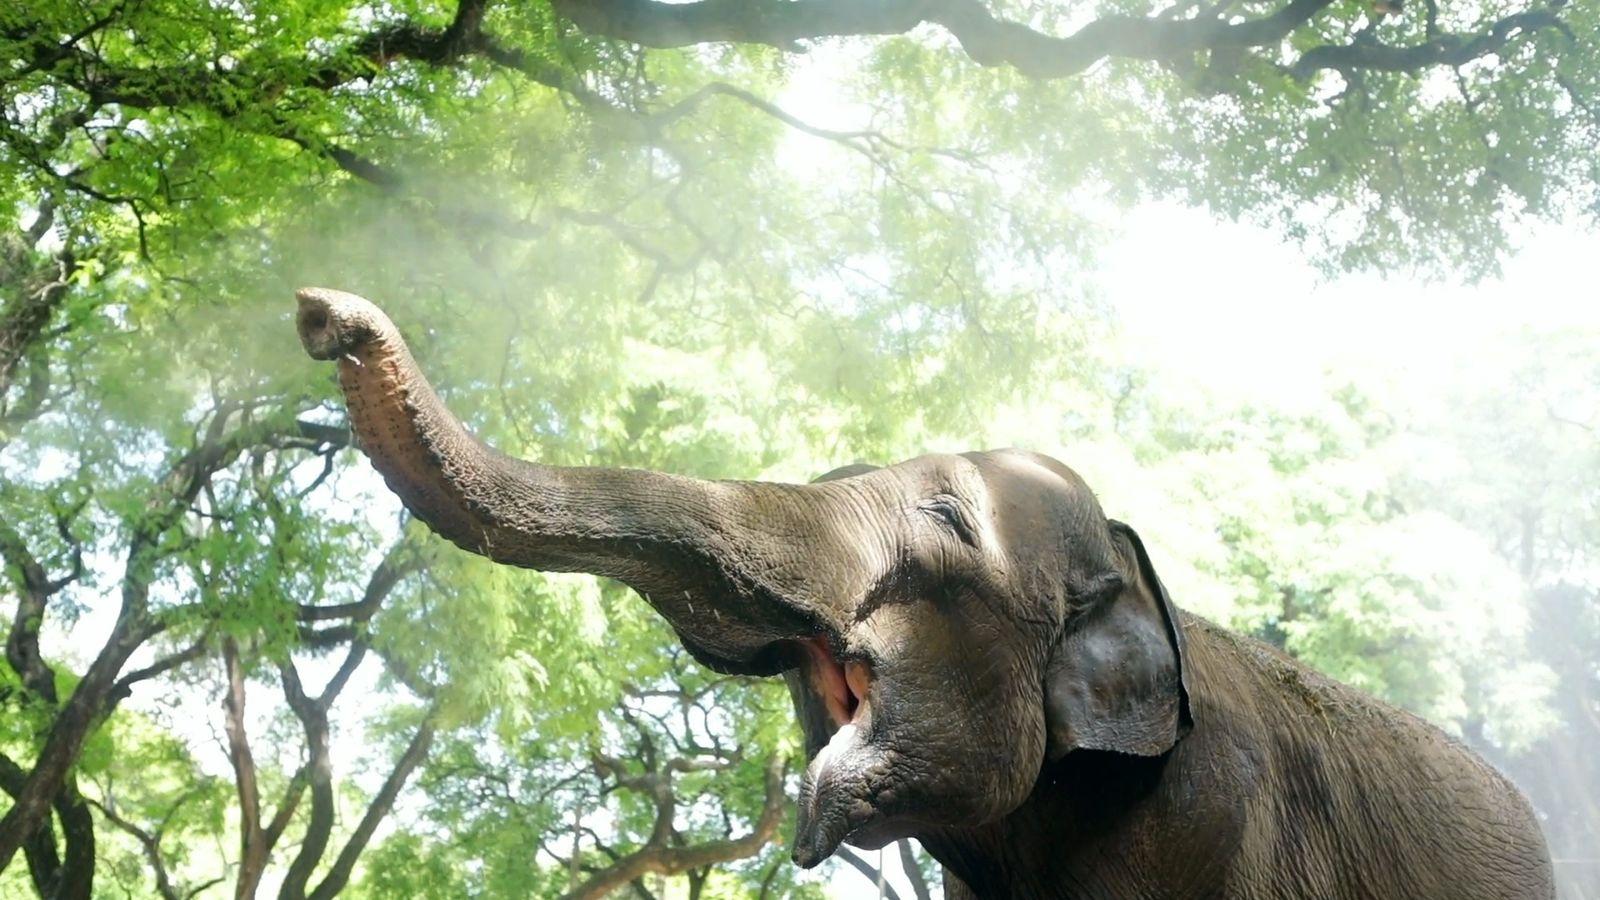 A jornada da elefanta Mara: de Buenos Aires a um santuário no Brasil